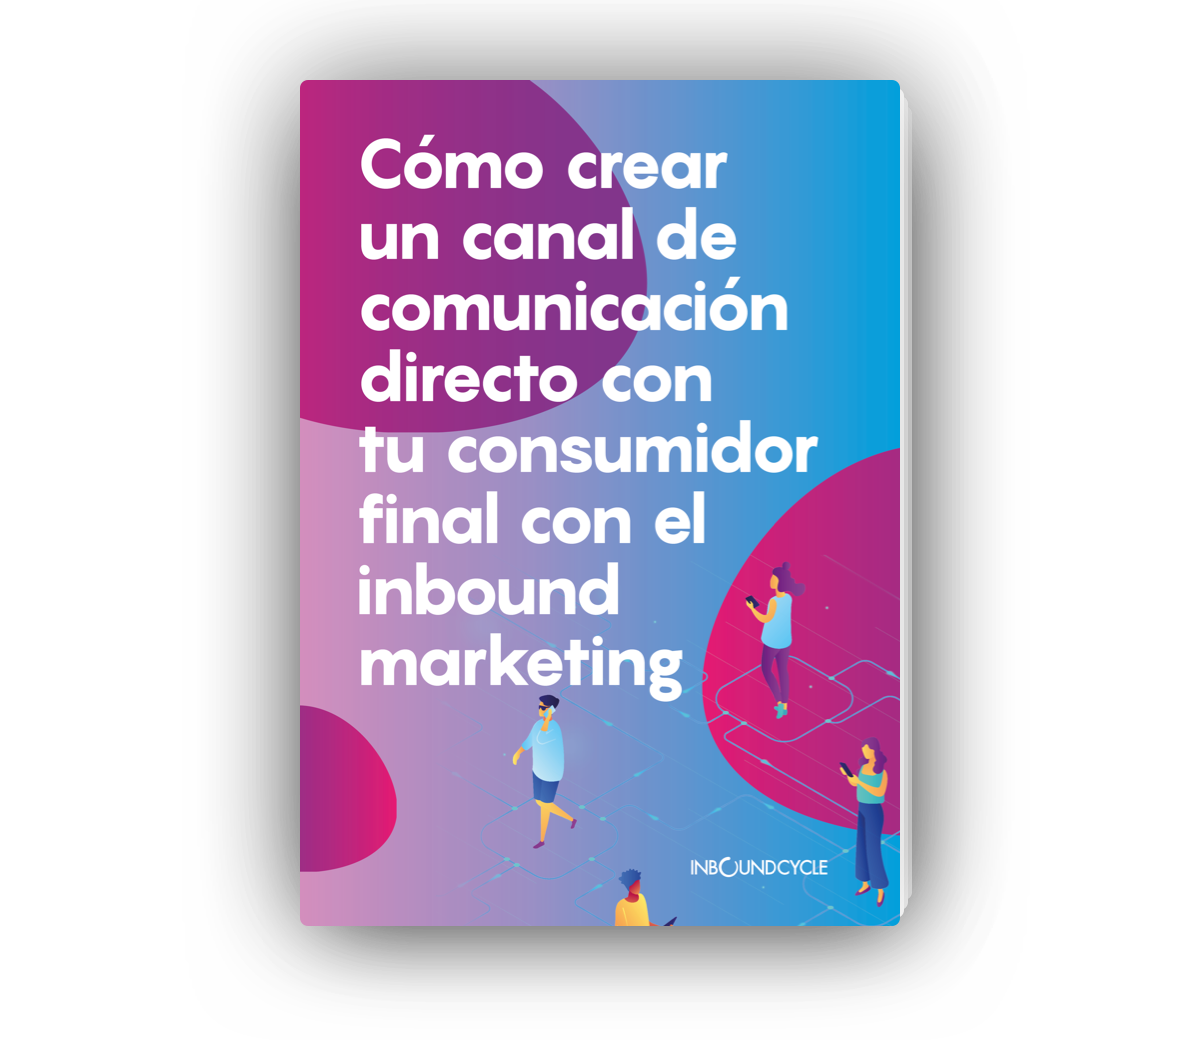 Portada - Email - Cómo crear un canal de comunicación directo con tu consumidor final con el inbound marketing-1